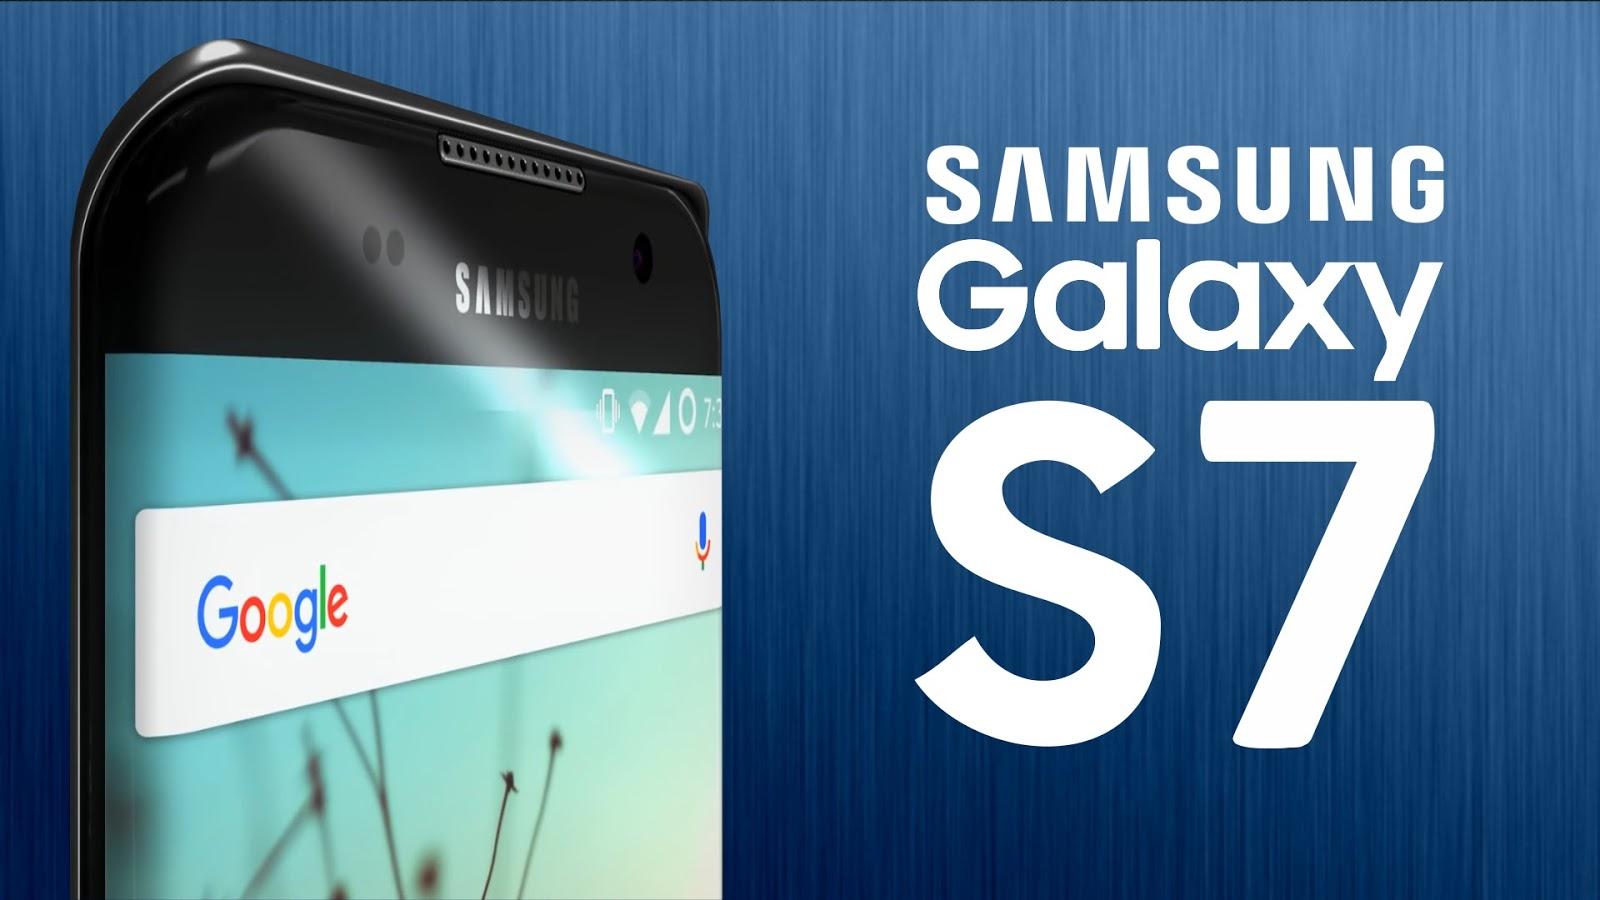 samsung galaxy s7  manual de usuario  instrucciones en pdf  gu u00eda en espa u00f1ol   todo android manual de usuario sony xperia z1 pdf manual de usuario sony xperia z1 pdf